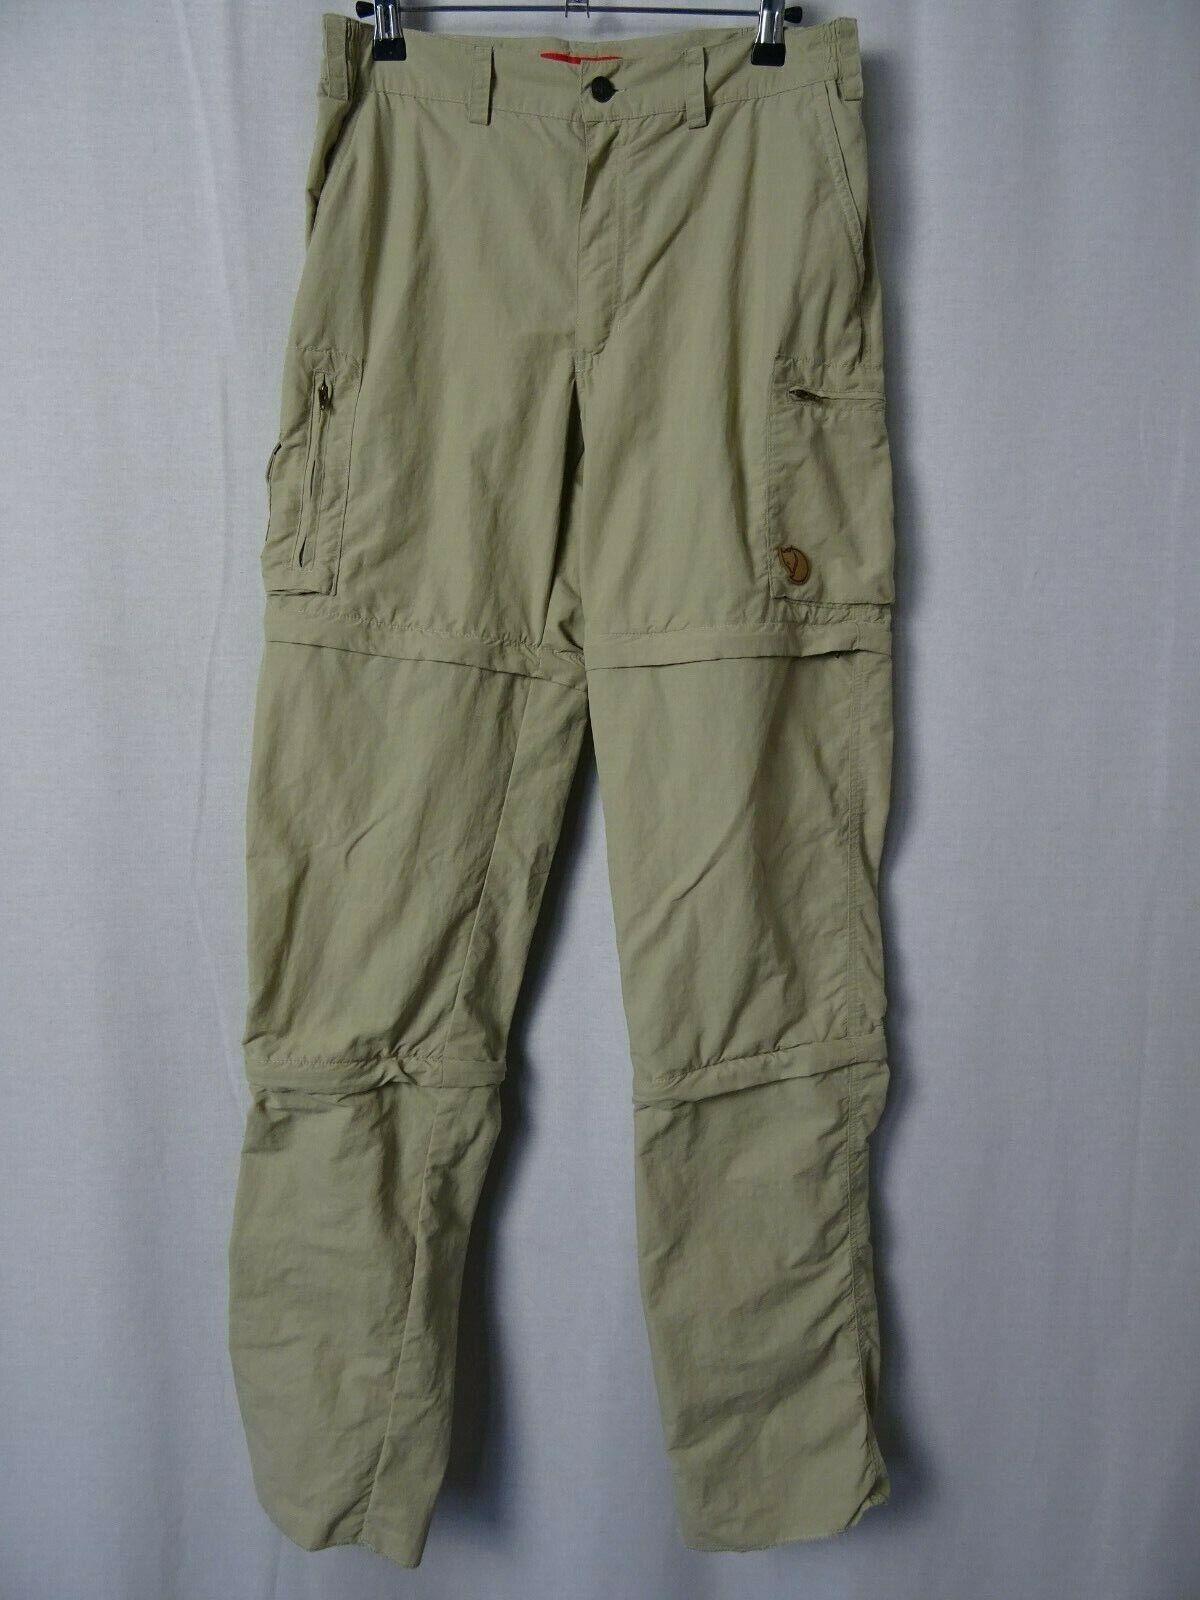 Uomo Uomo Uomo Fjällräven Sipora MT Zip-Off Pantaloni Pantaloni all'aperto W30 L34 a5b398